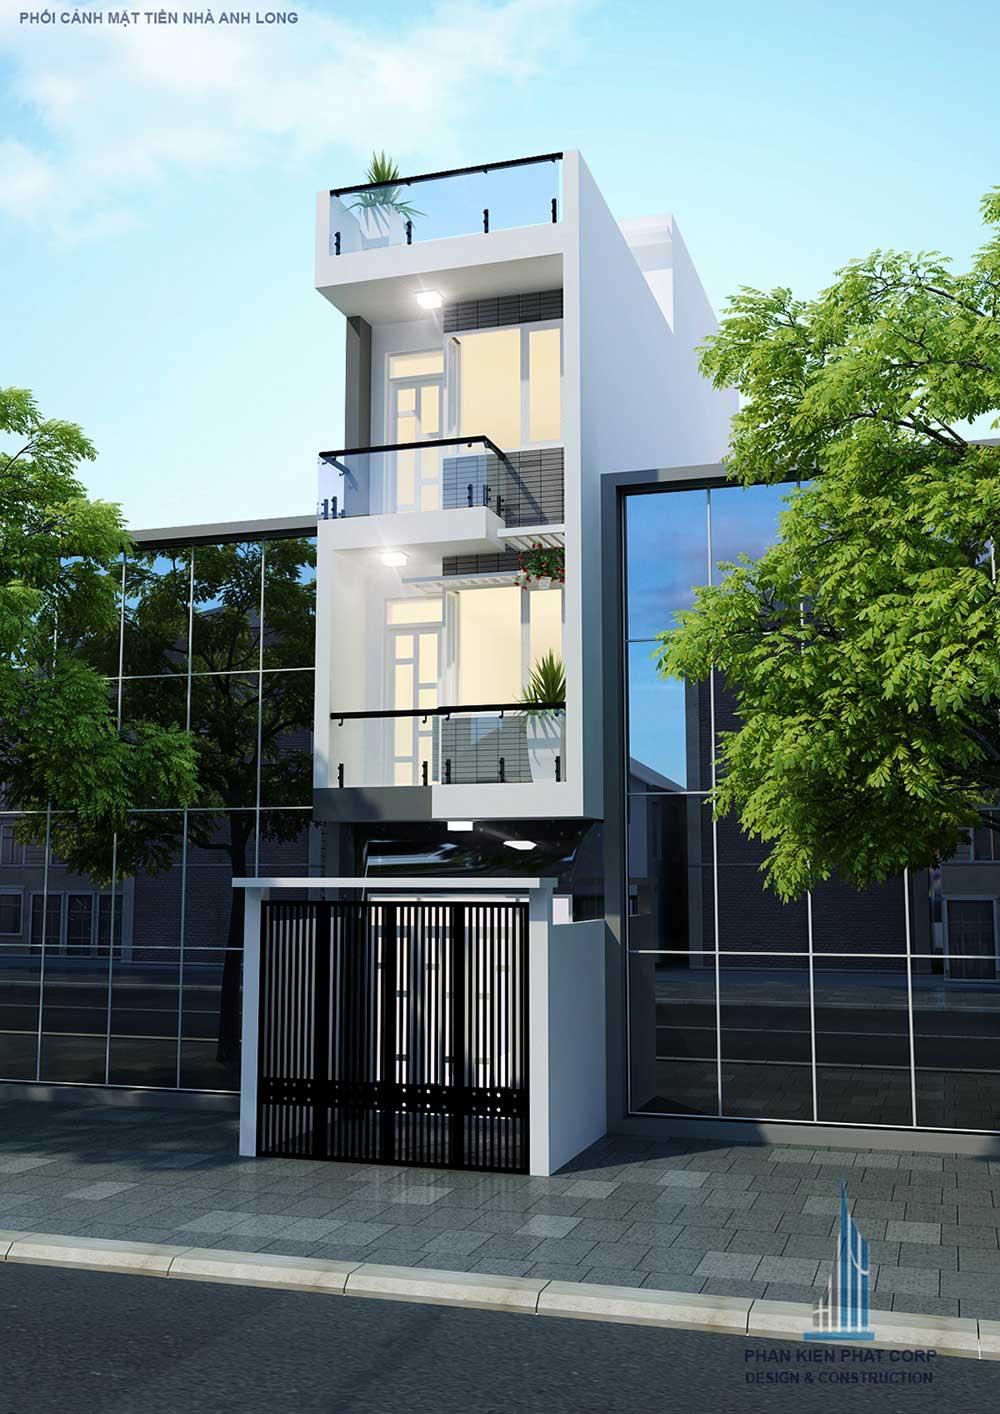 Công trình, Thiết kế nhà 4 tầng, Anh Thái Văn Long